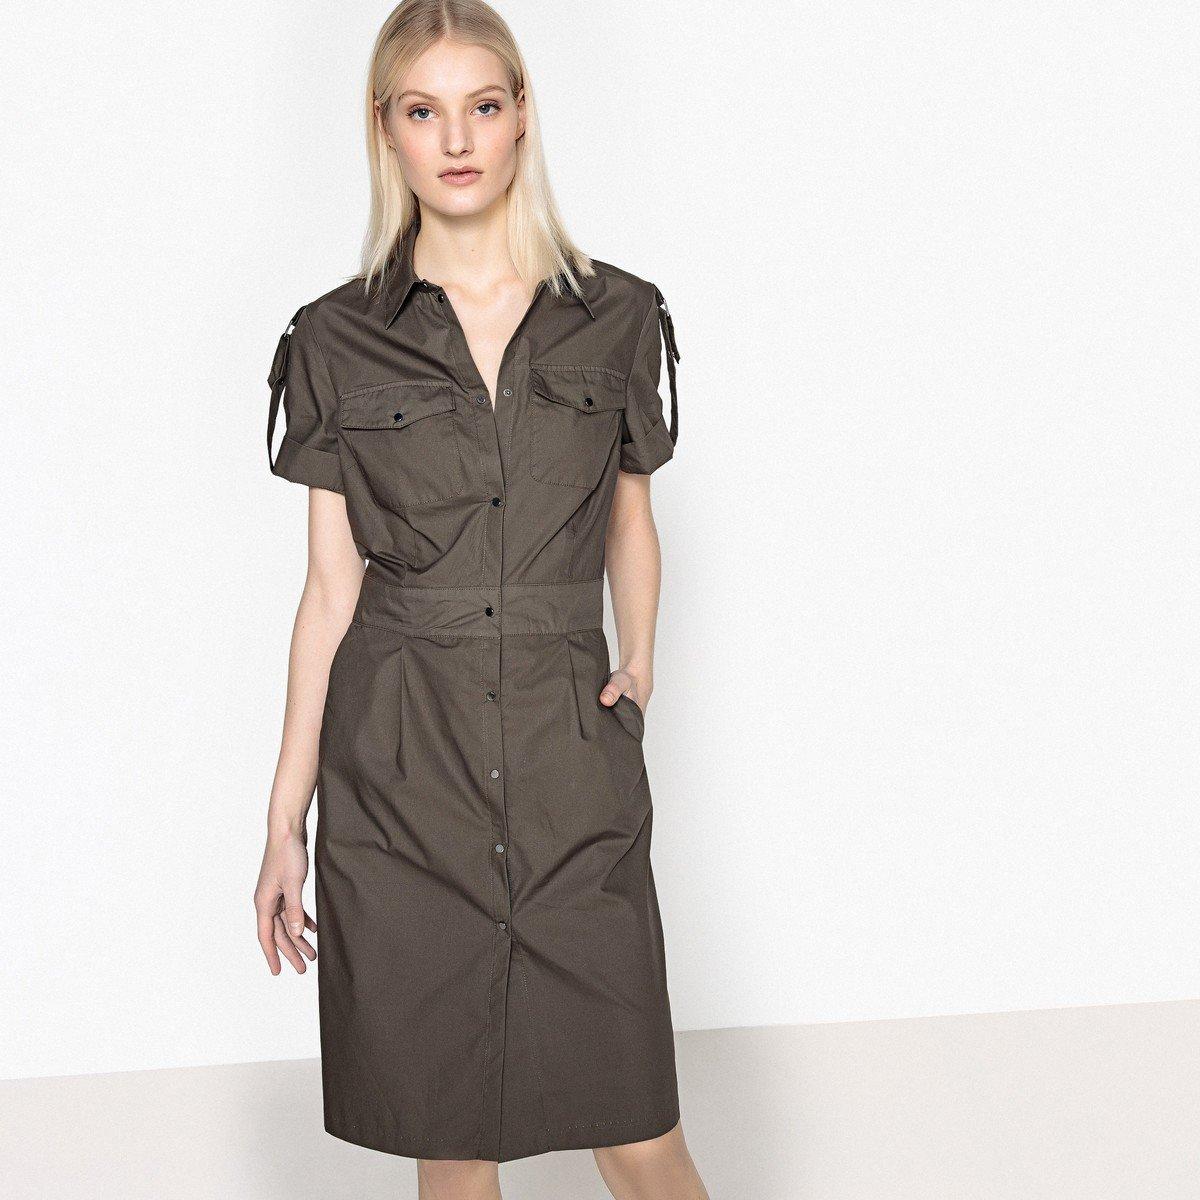 вас модели платье рубашка фото скидки, каталоги магазинов